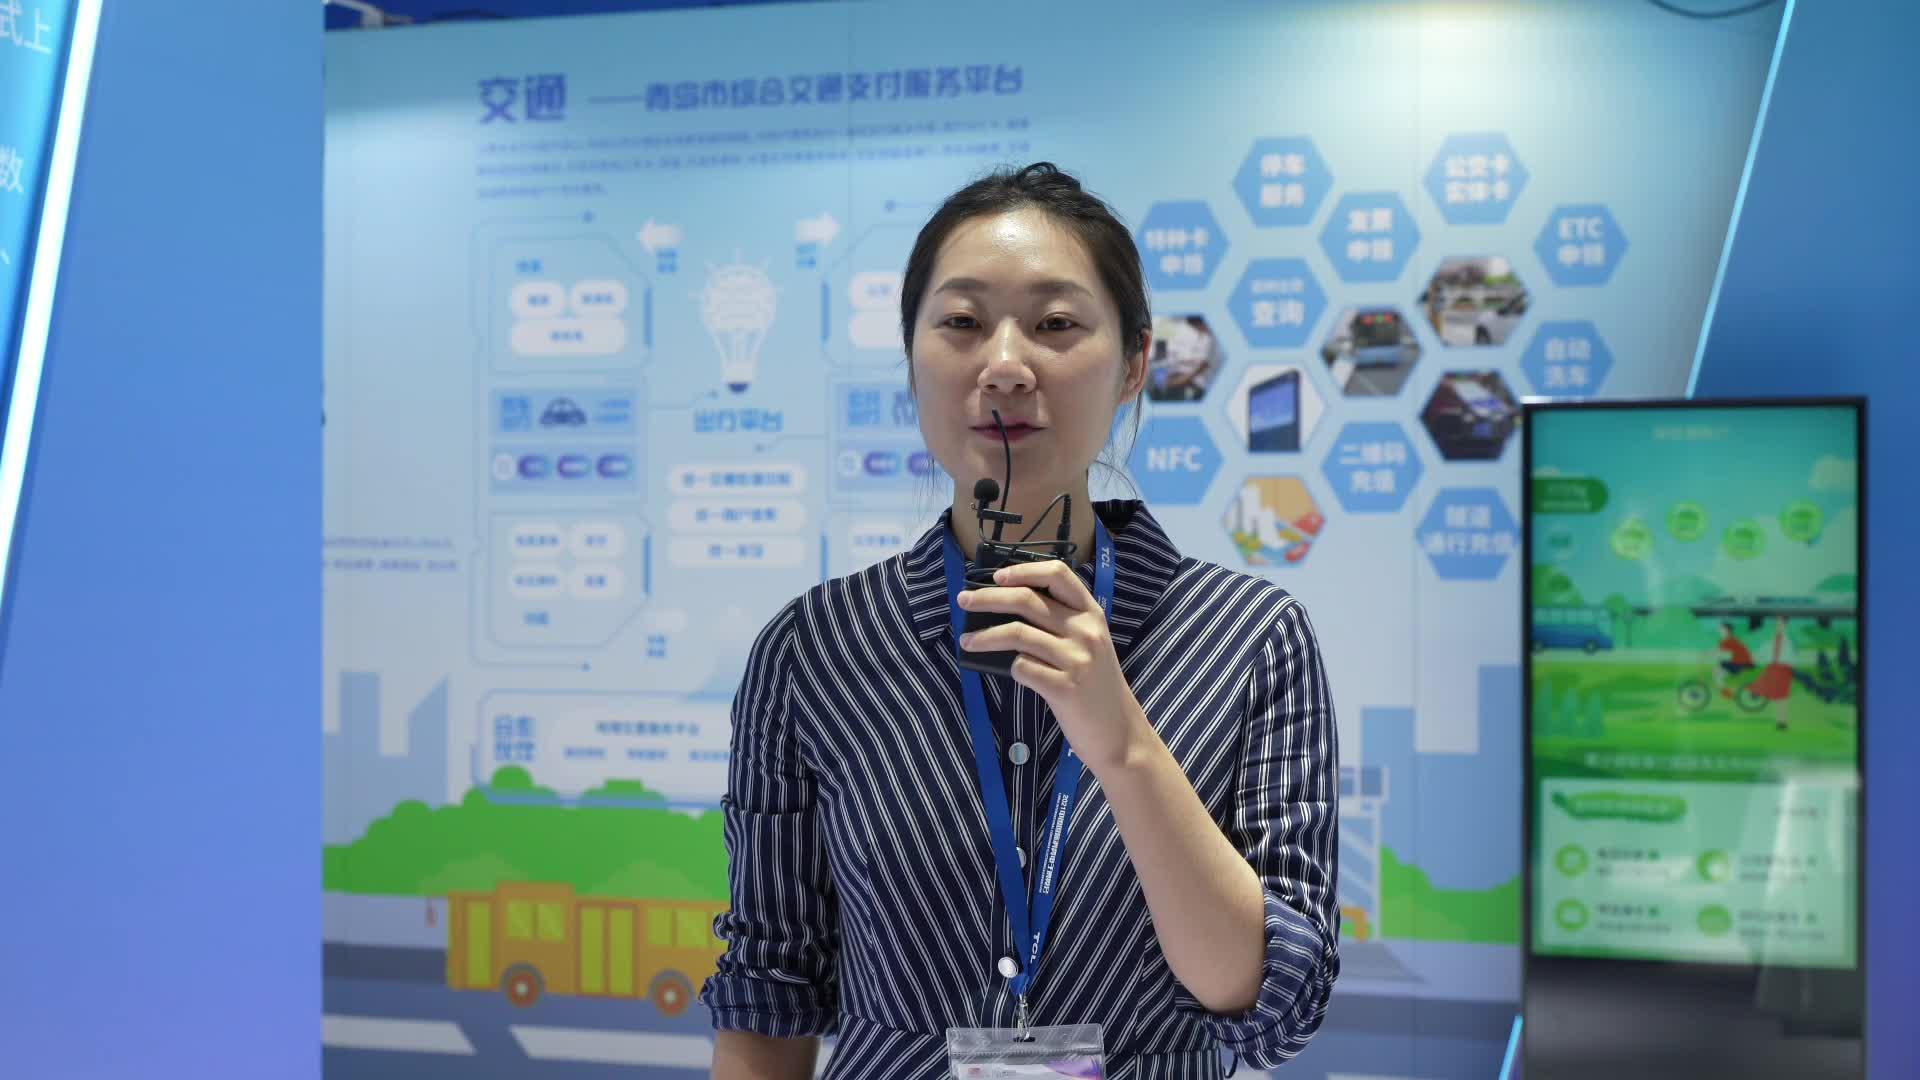 CICE2021|青岛国信科技聚焦智慧城市  打造便捷青岛服务平台